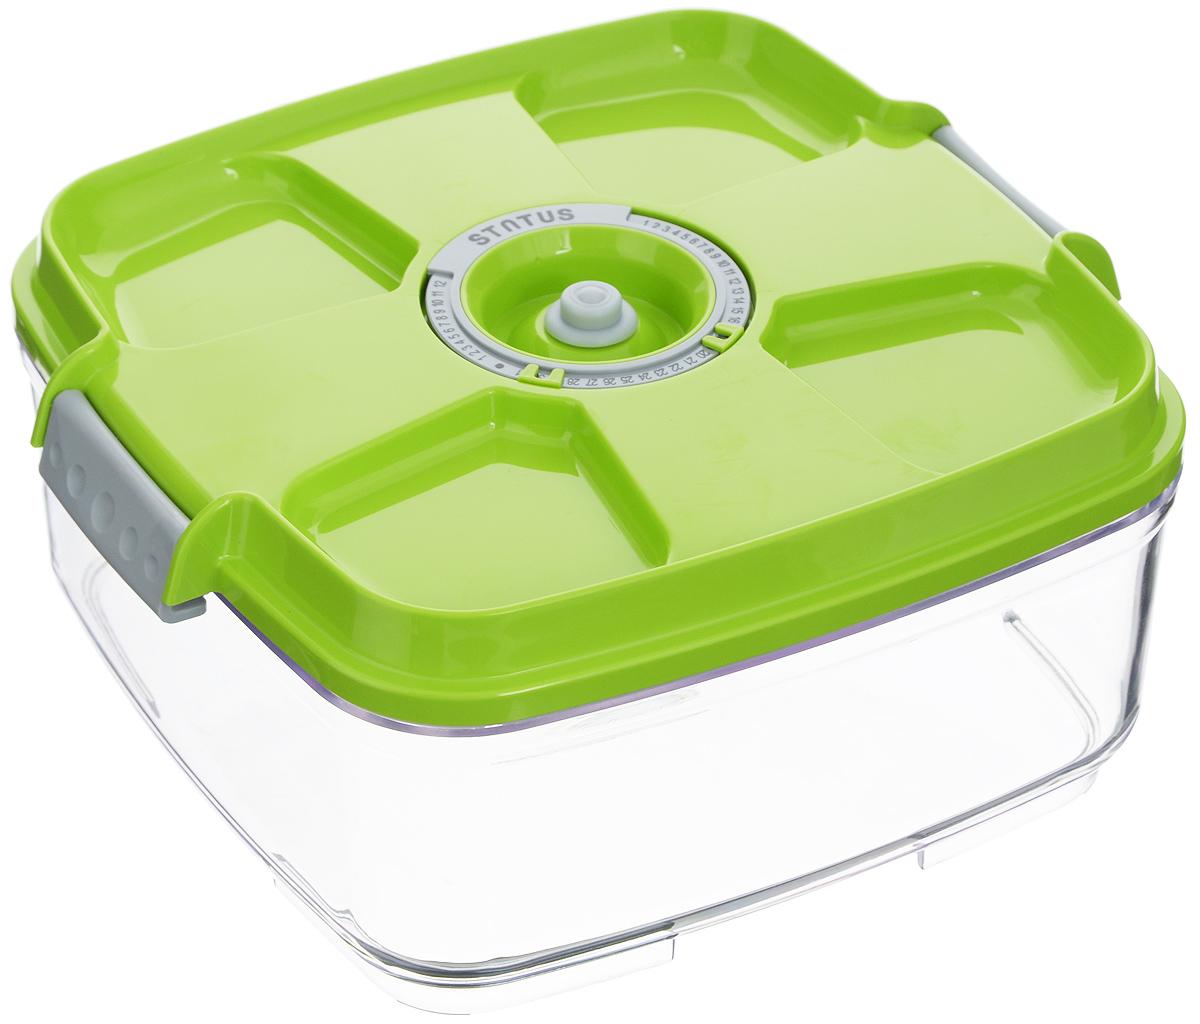 Контейнер вакуумный Status, с индикатором даты срока хранения, цвет: прозрачный, зеленый, 2 л. VAC-SQ-20VT-1520(SR)Вакуумный контейнер Status выполнен из хрустально-прозрачного прочного тритана. Благодаря вакууму, продукты не подвергаются внешнему воздействию, и срок хранения значительно увеличивается, сохраняют свои вкусовые качества и аромат, а запахи в холодильнике не перемешиваются. Допускается замораживание до -21°C, мойка контейнера в посудомоечной машине, разогрев в СВЧ (без крышки). Рекомендовано хранение следующих продуктов: макаронные изделия, крупа, мука, кофе в зёрнах, сухофрукты, супы, соусы. Контейнер имеет индикатор даты, который позволяет отмечать дату конца срока годности продуктов.Размер контейнера (с учетом крышки): 22 х 22 х 11 см.